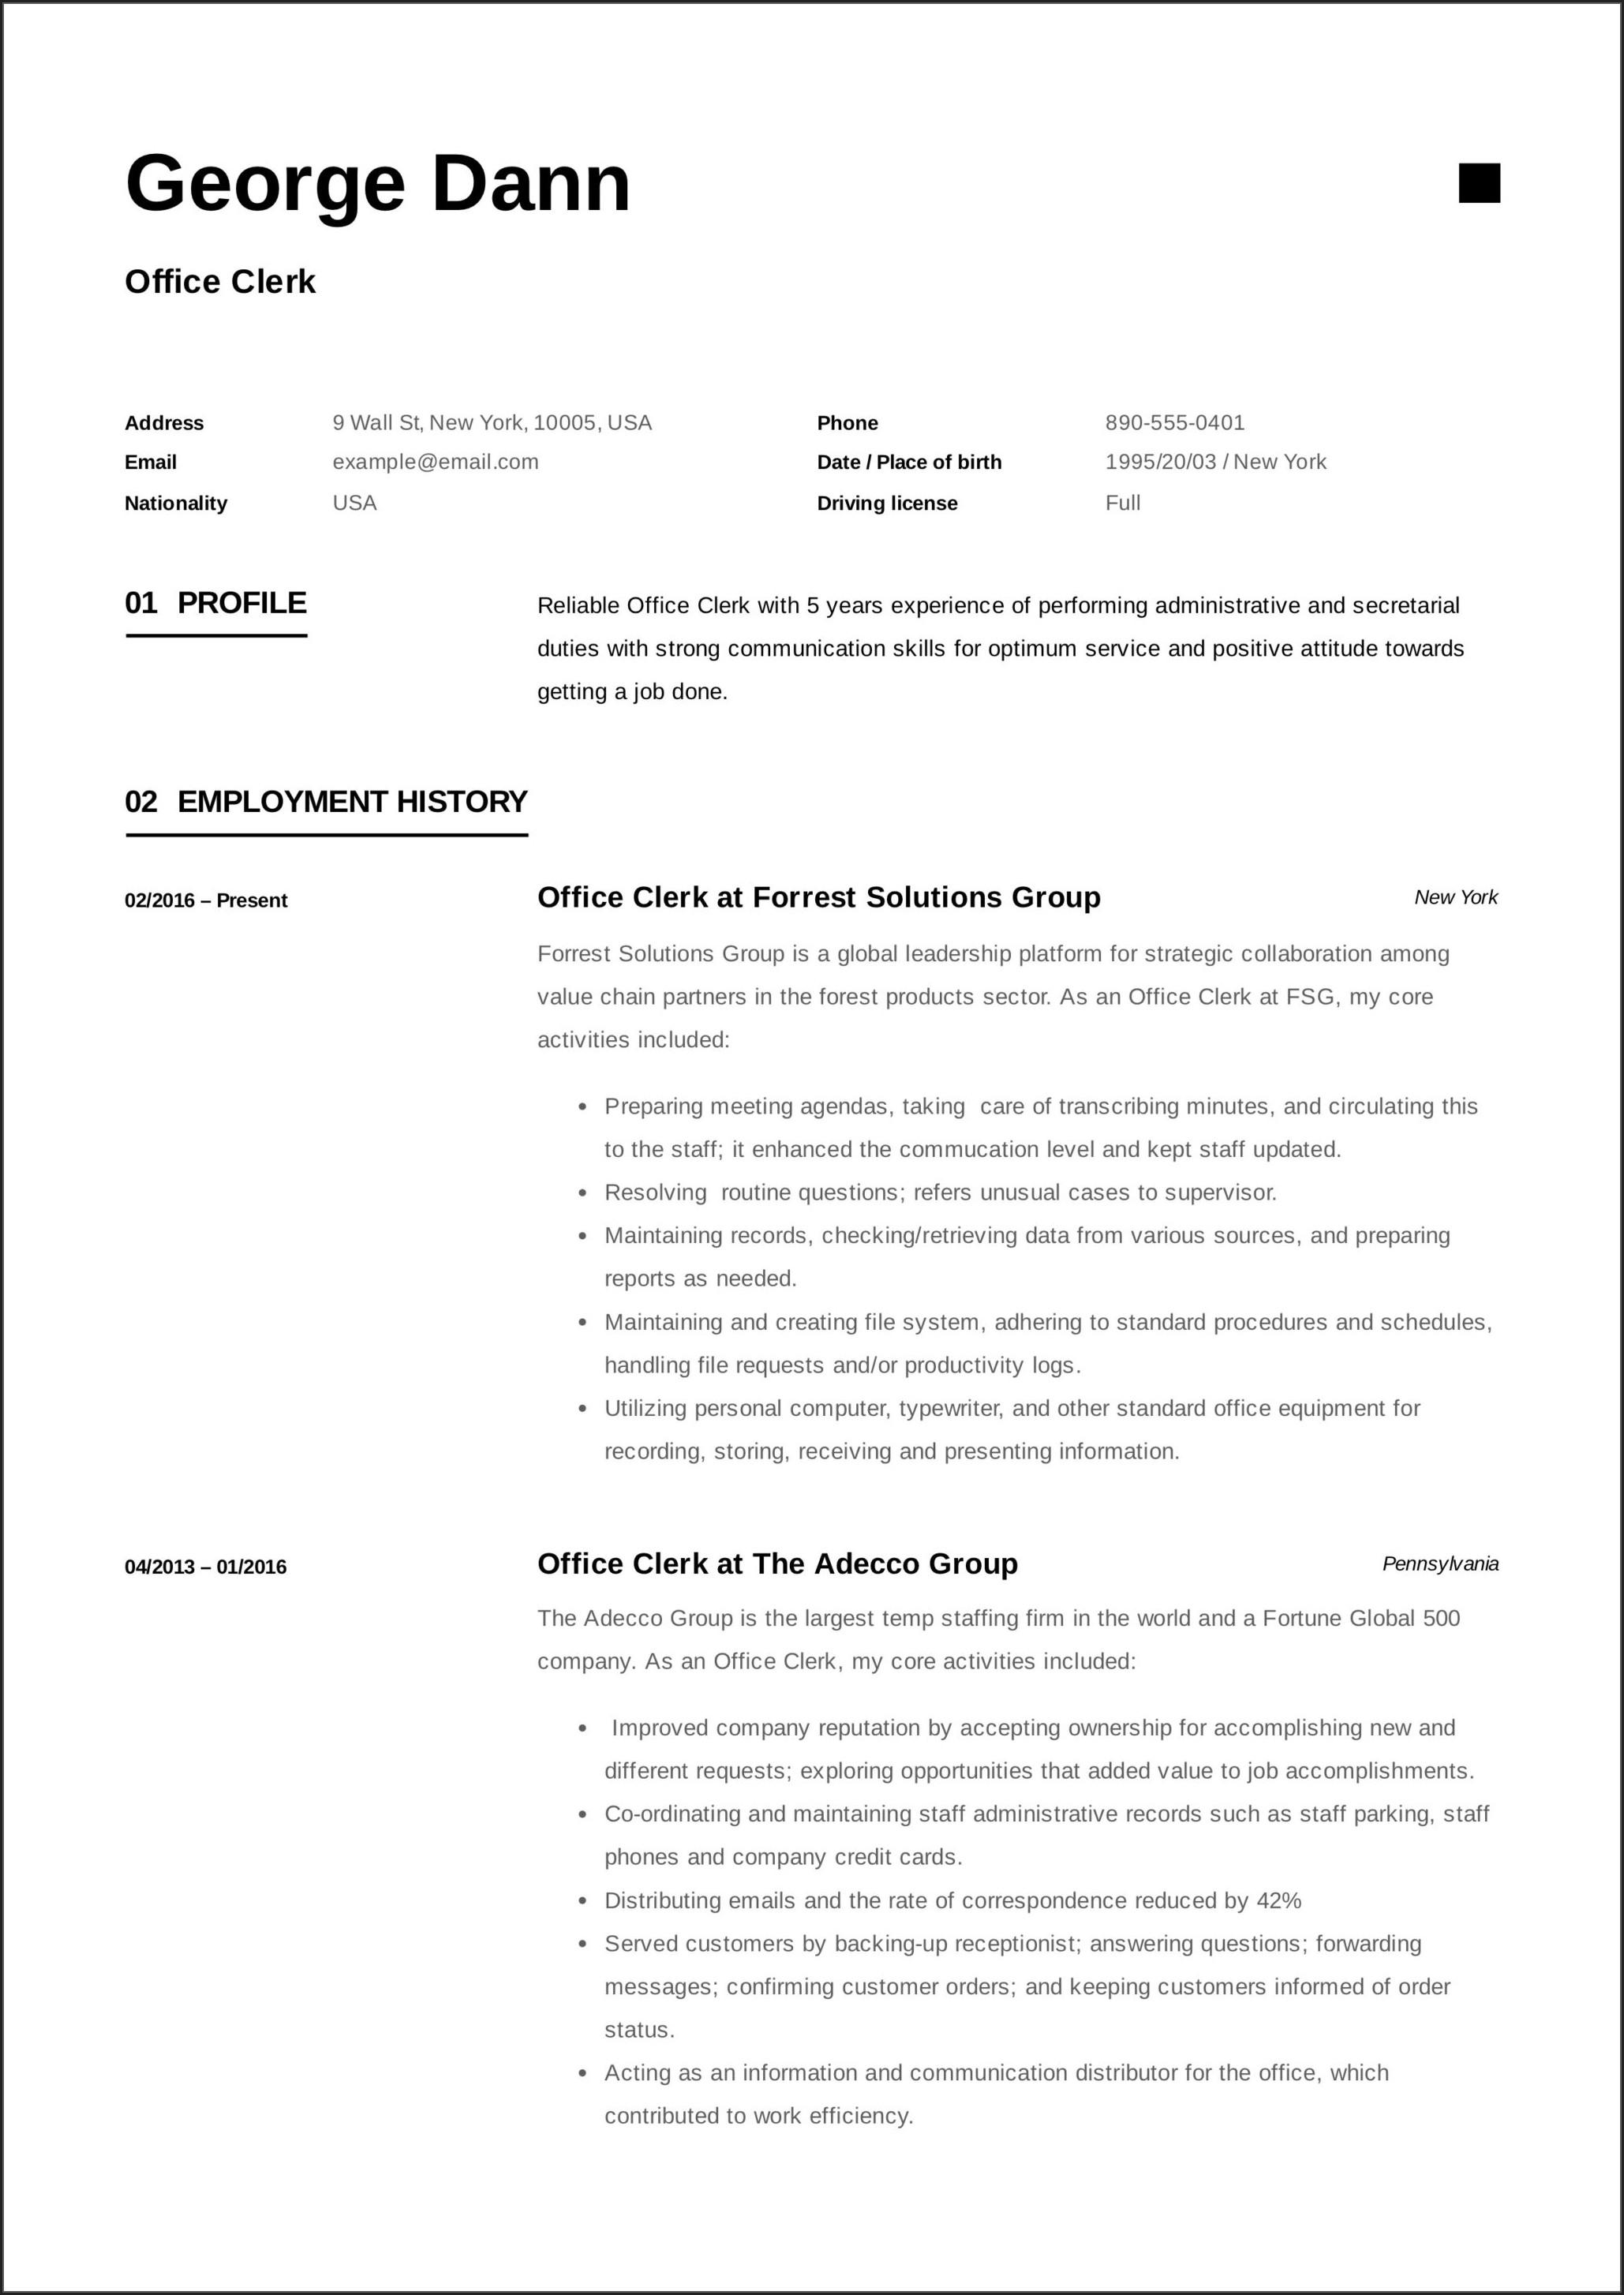 Sample Resume For Office Worker